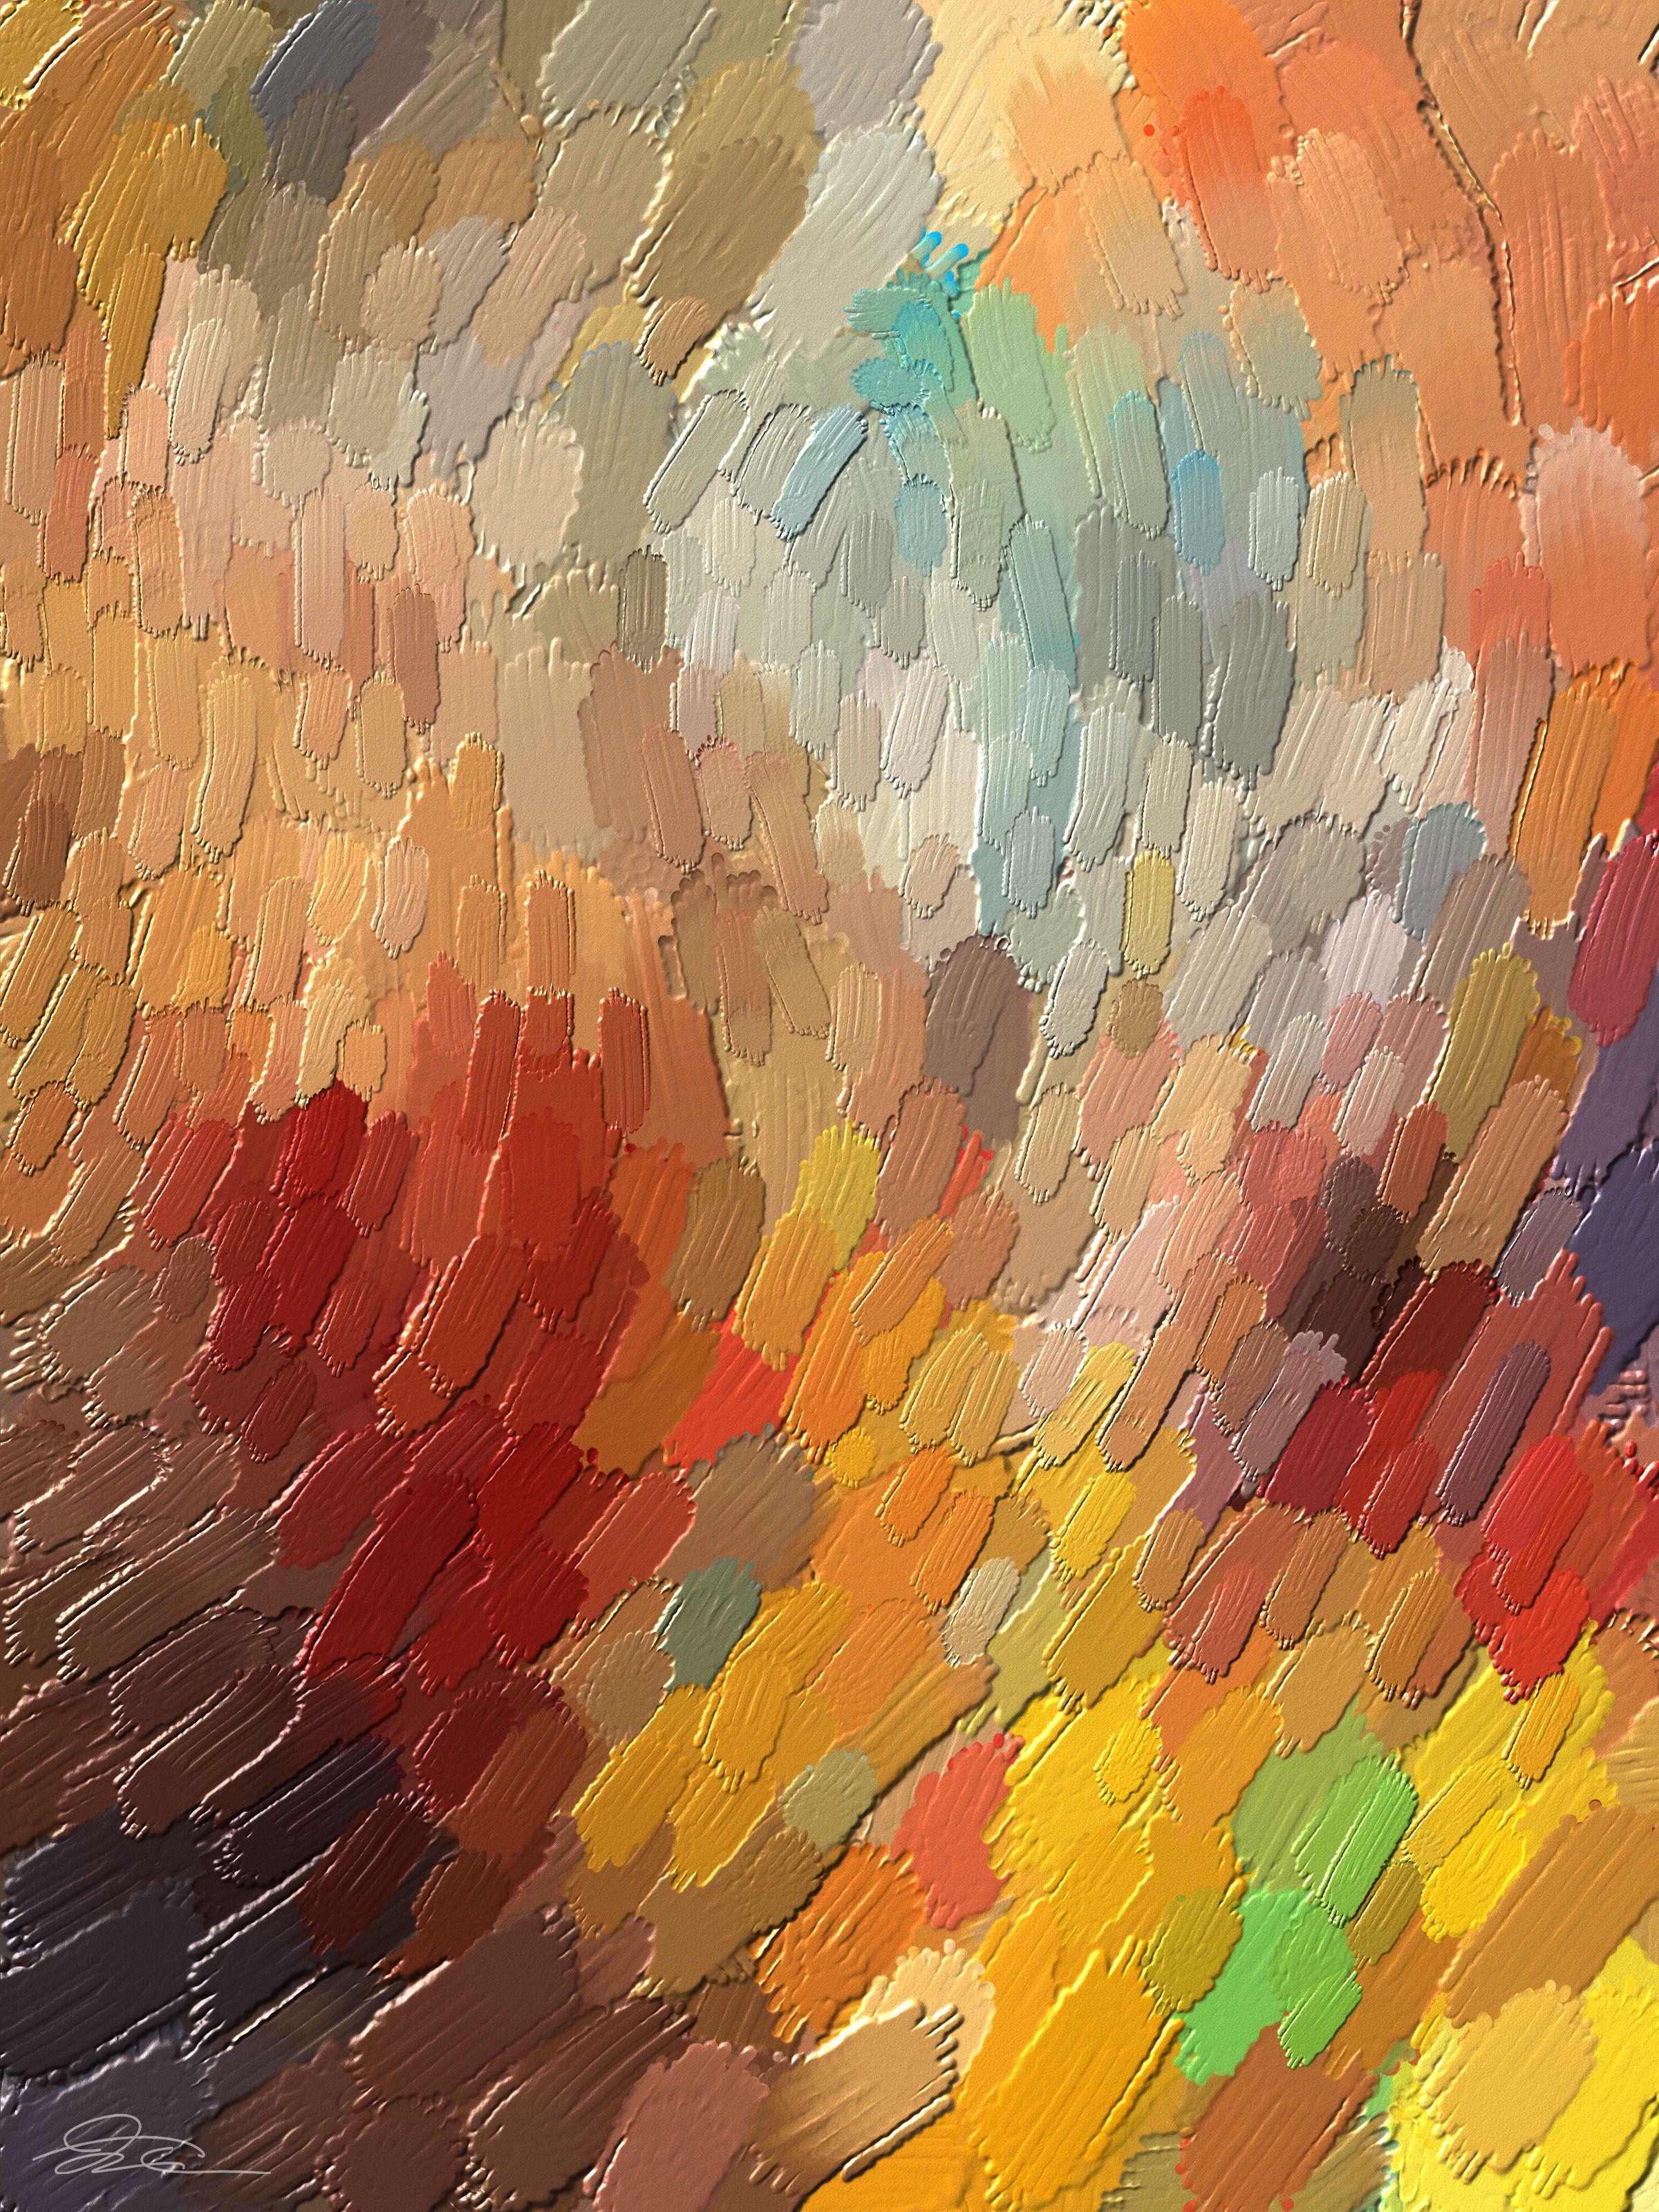 impasto painting Google Search AA Impasto Abstract